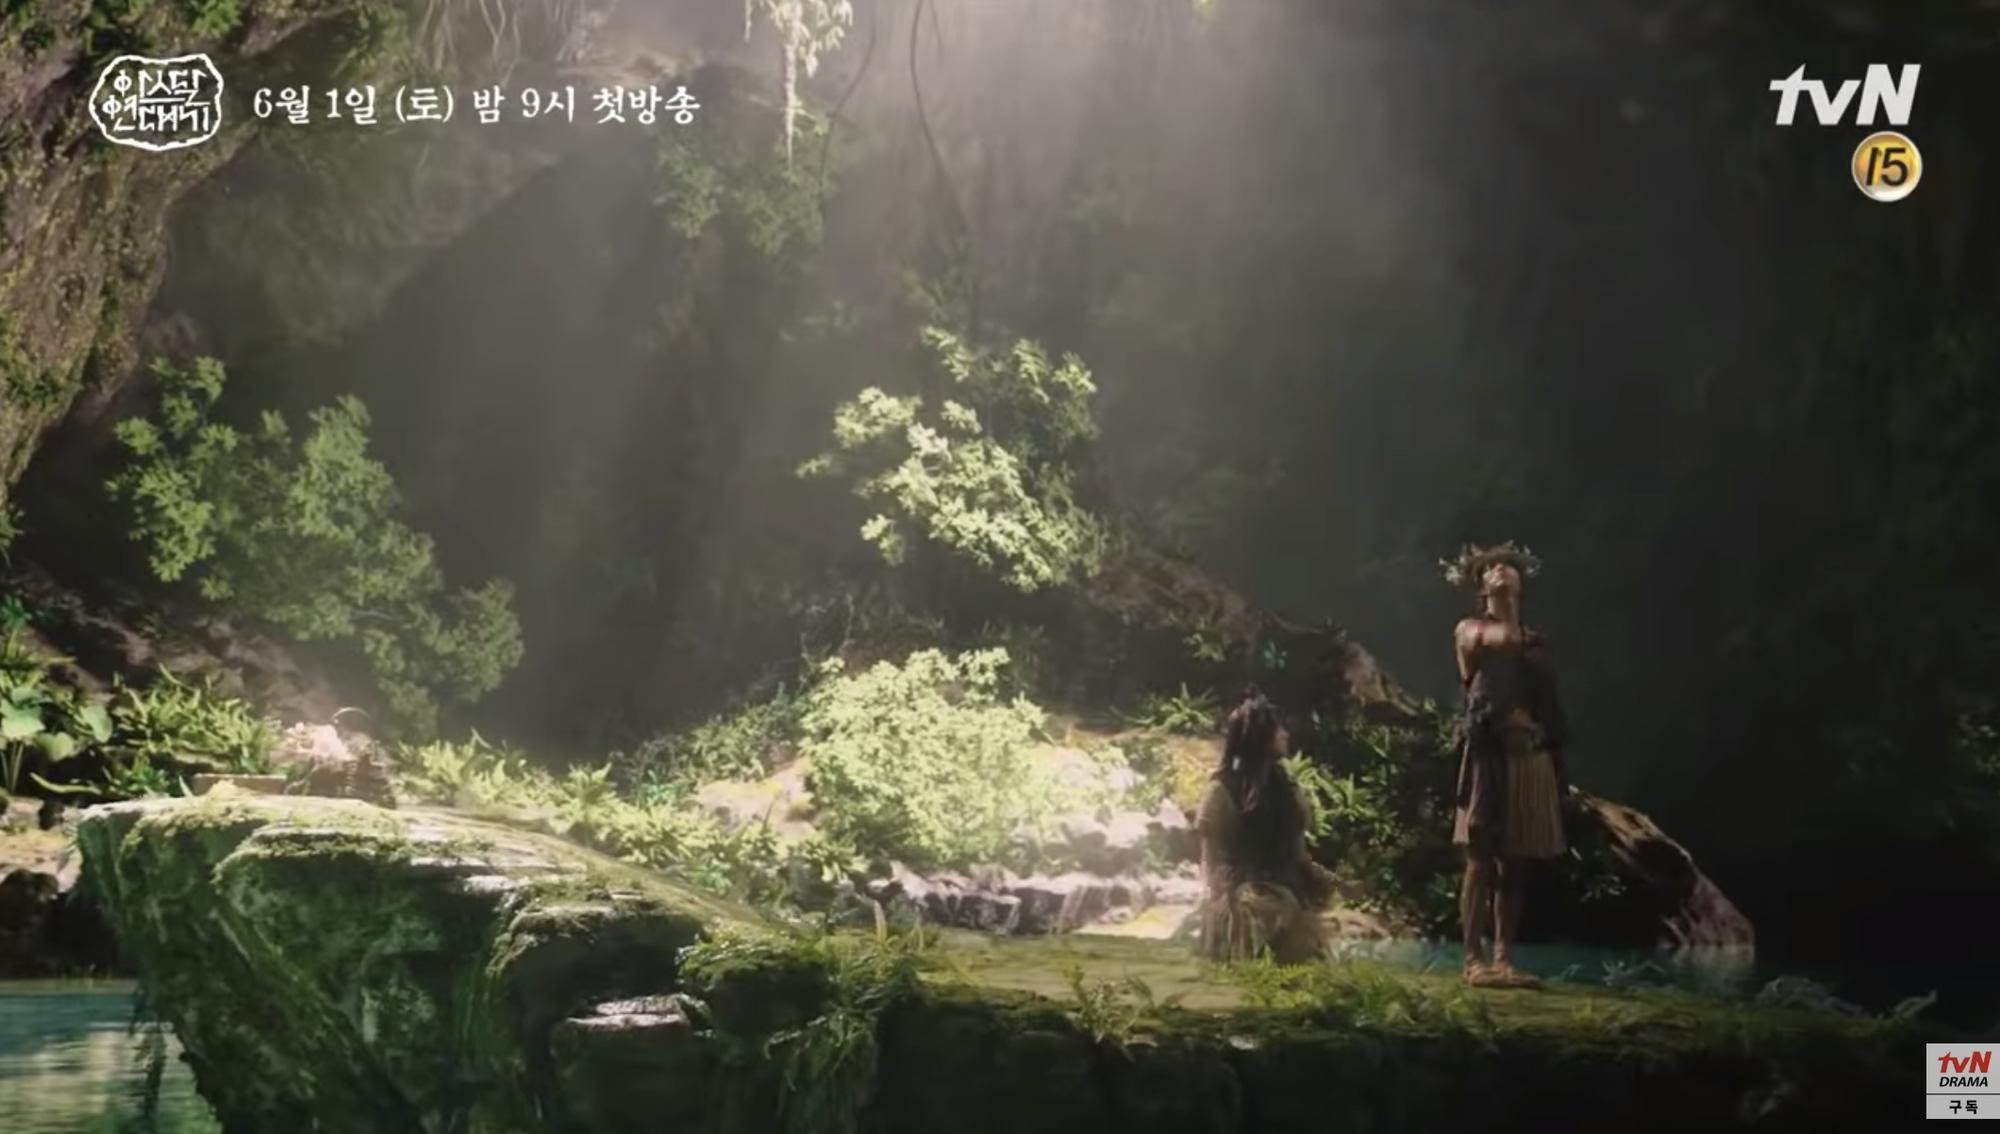 Bom tấn của Song Joong Ki lại nhá hàng teaser mới nhưng sao có cả EXO và BTS thế này? - Ảnh 8.